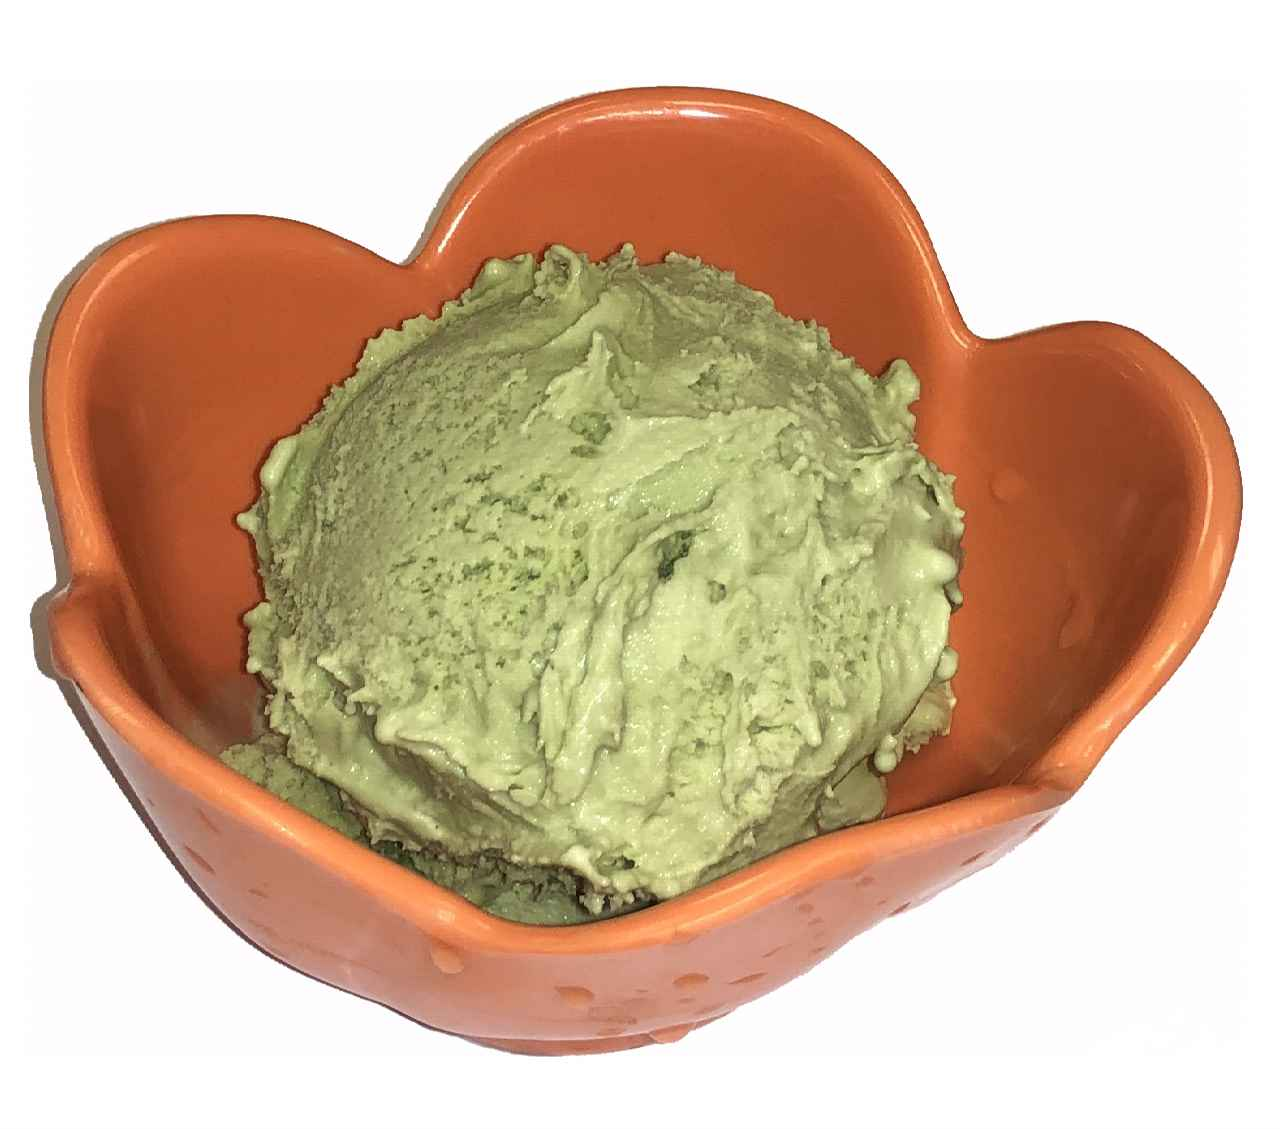 21. Green Tea Ice Cream